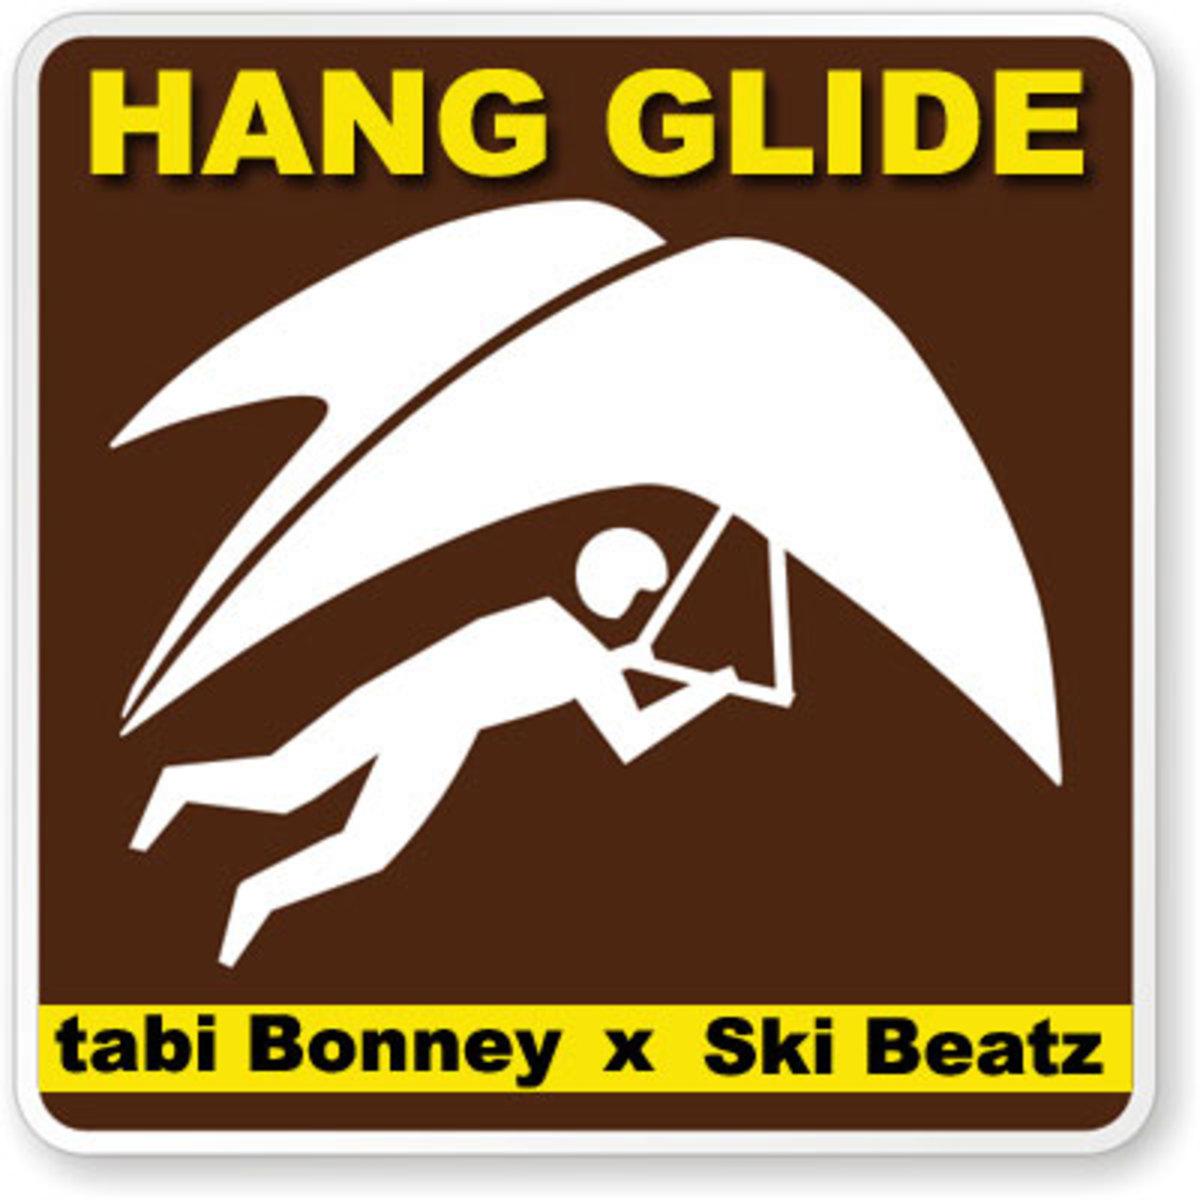 tabibonney-hangglide.jpg